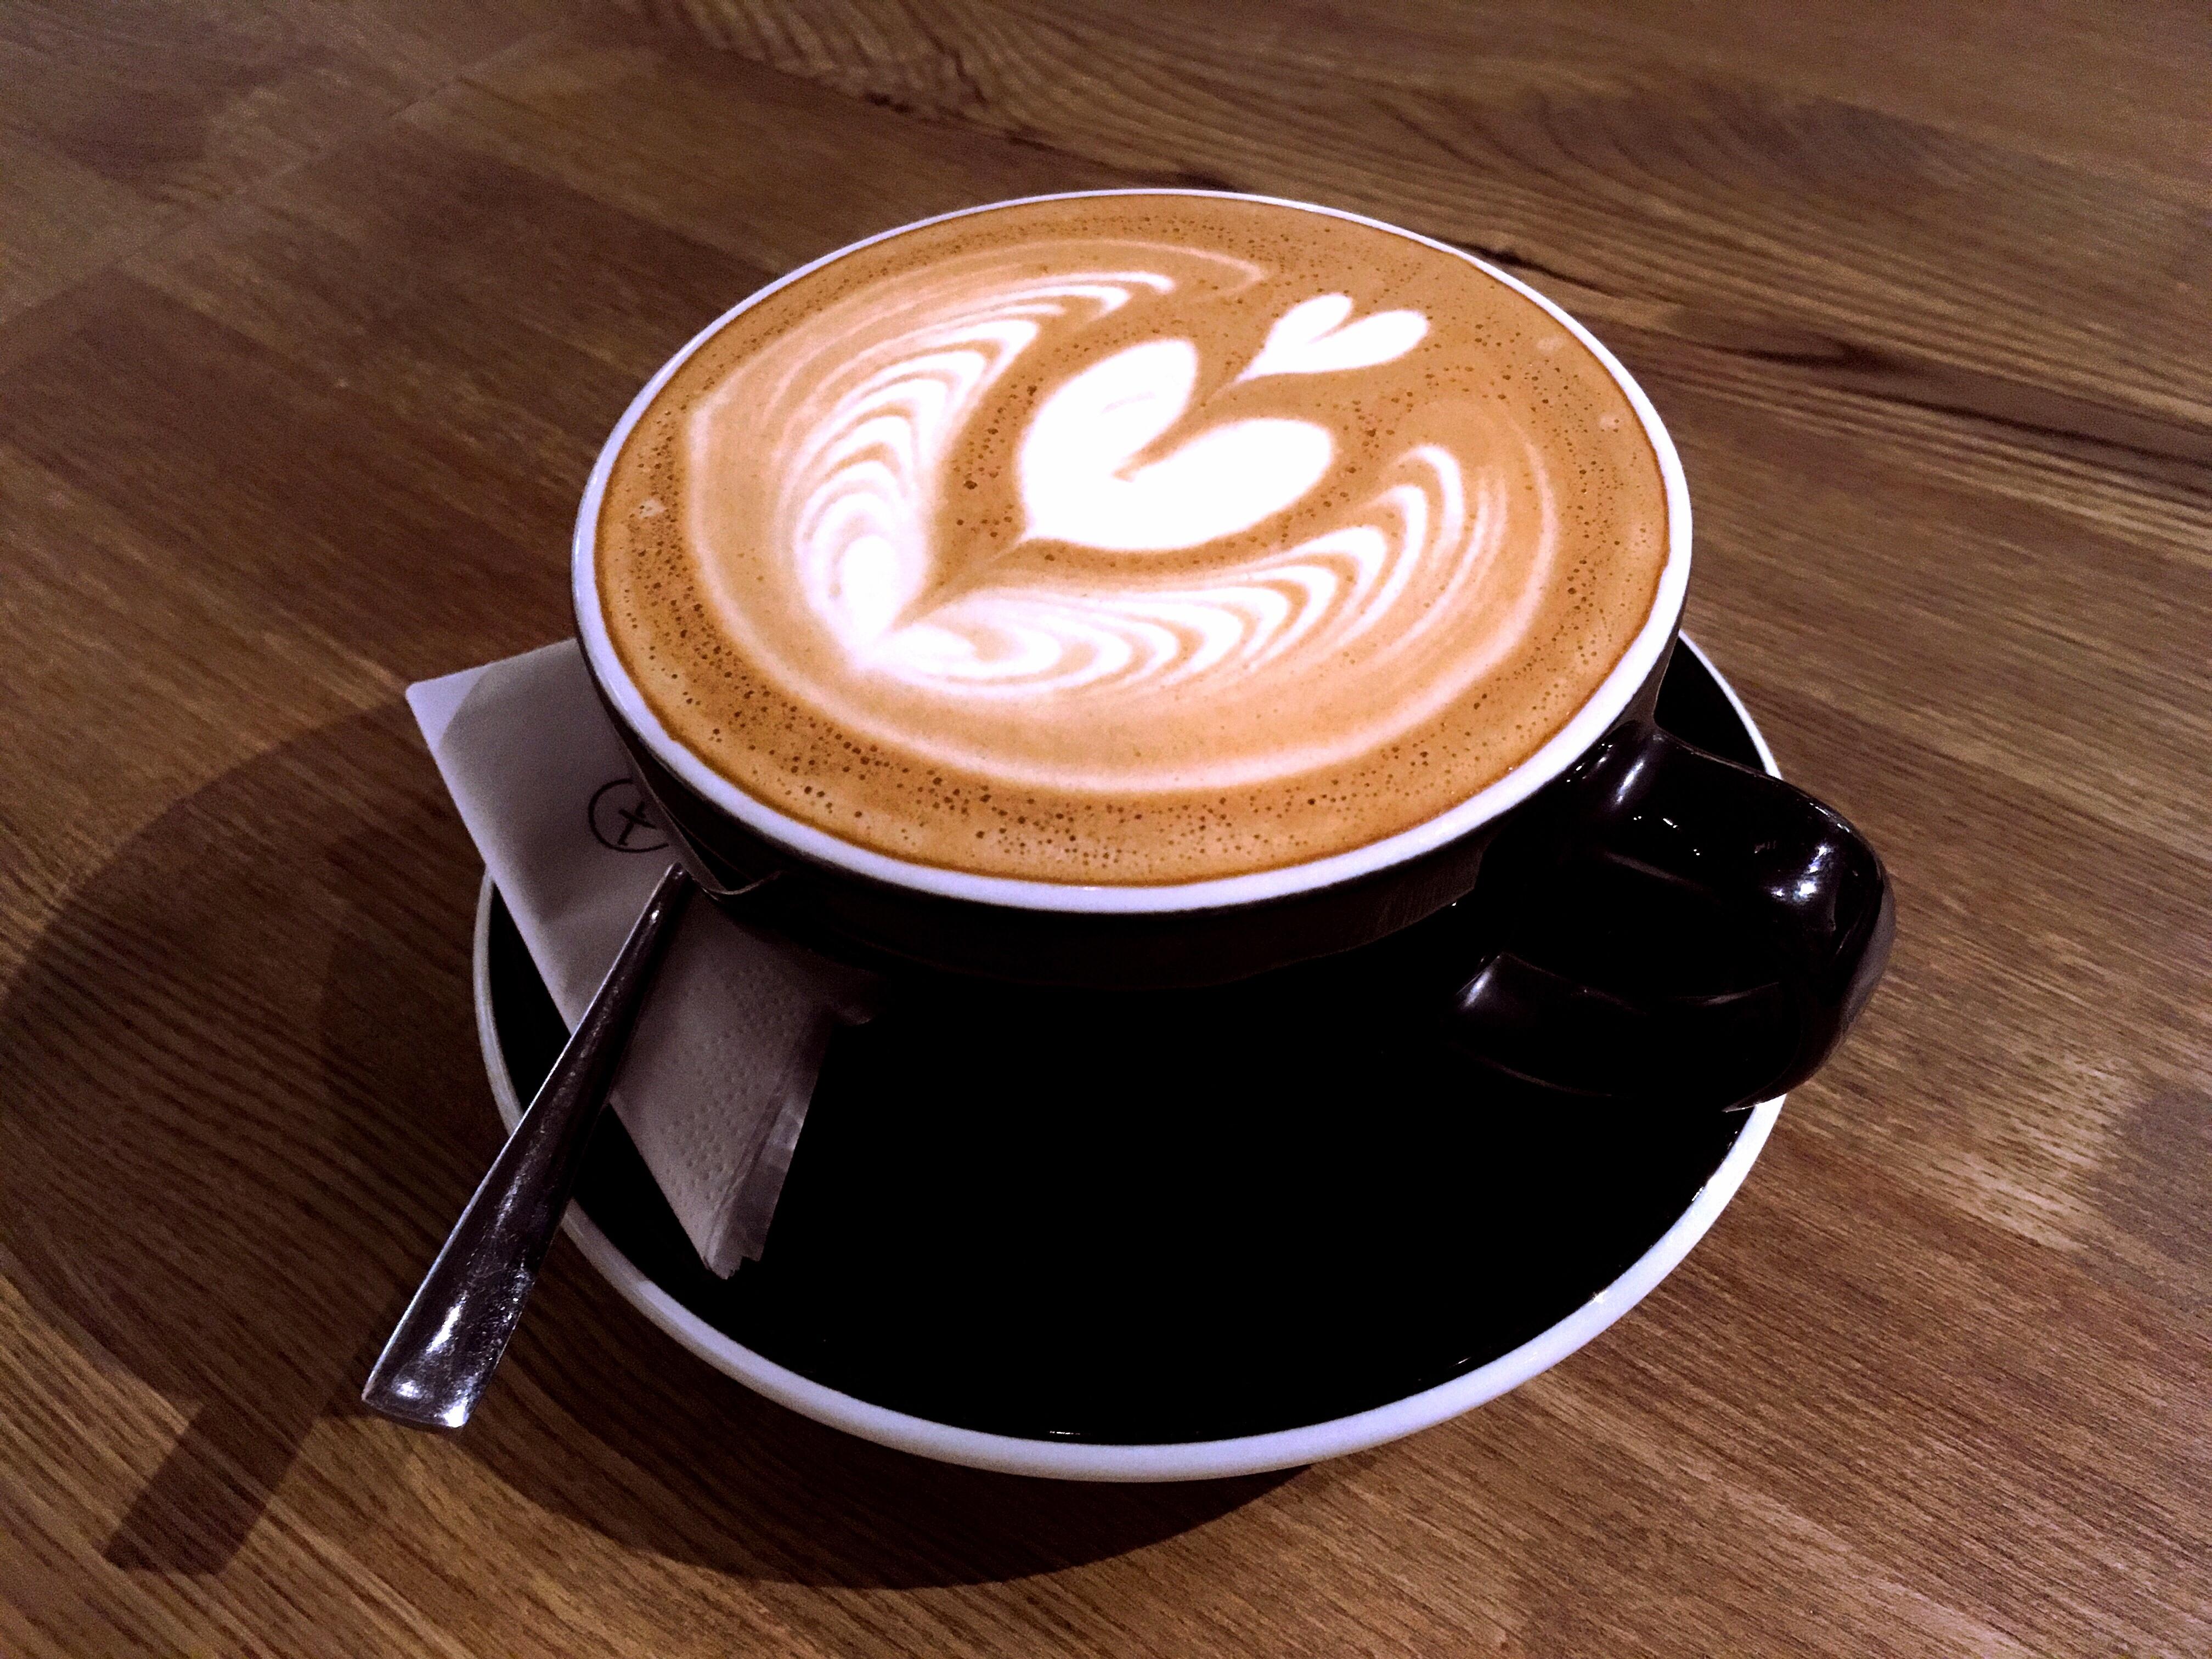 MOCCONA咖啡图片